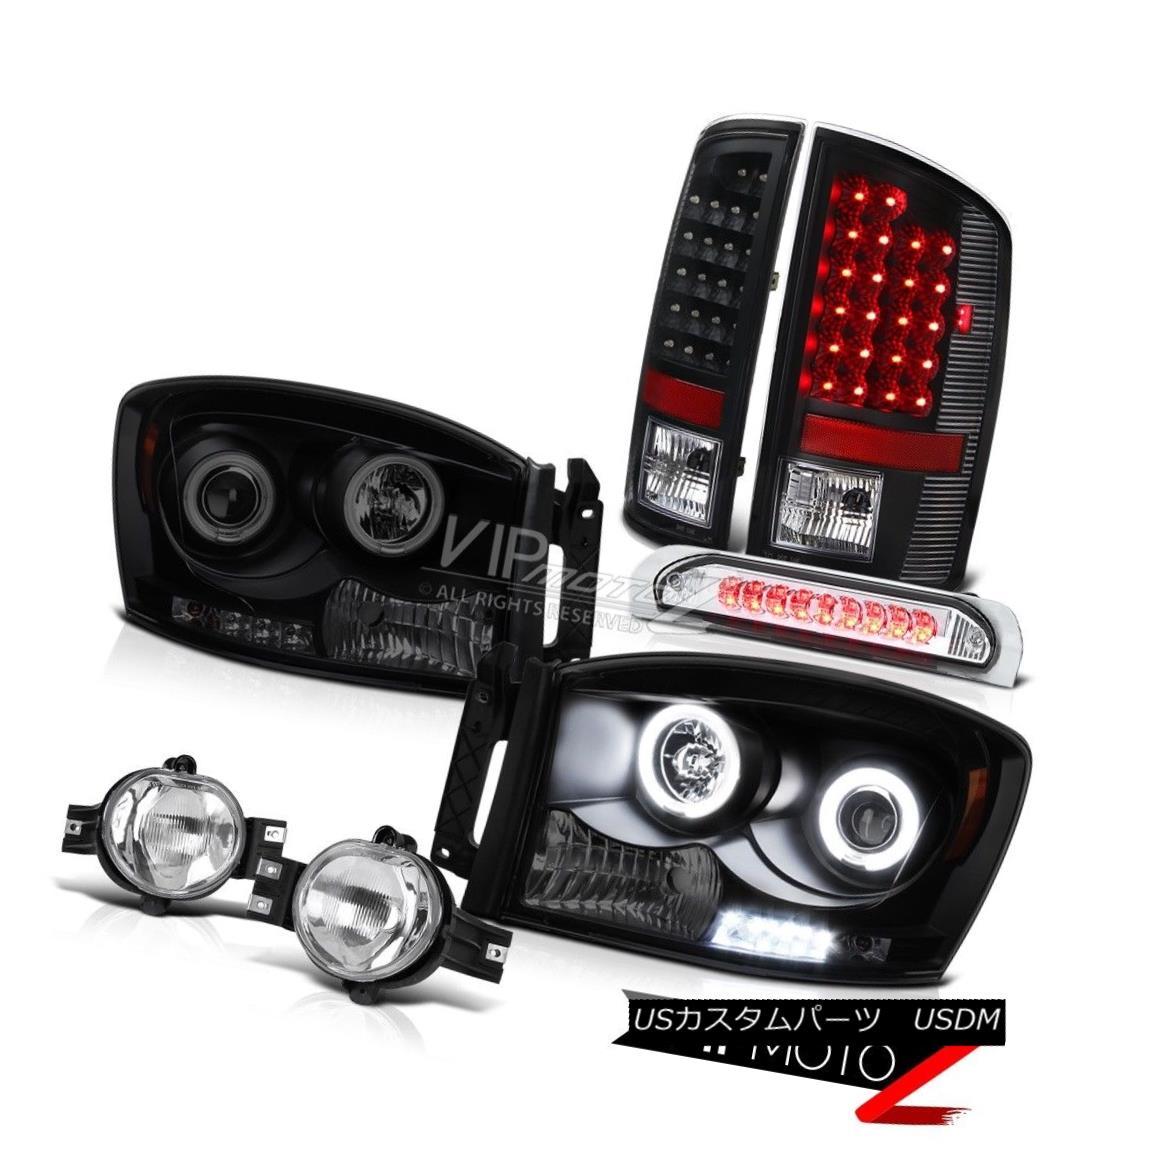 ヘッドライト 2006 Dodge Ram SLT Angel Eye Headlamp Foglight+Wiring Smoke 3RD Brake Cab Light 2006 Dodge Ram SLTエンジェルアイヘッドランプフォグライト+配線 g Smoke 3RDブレーキキャブライト